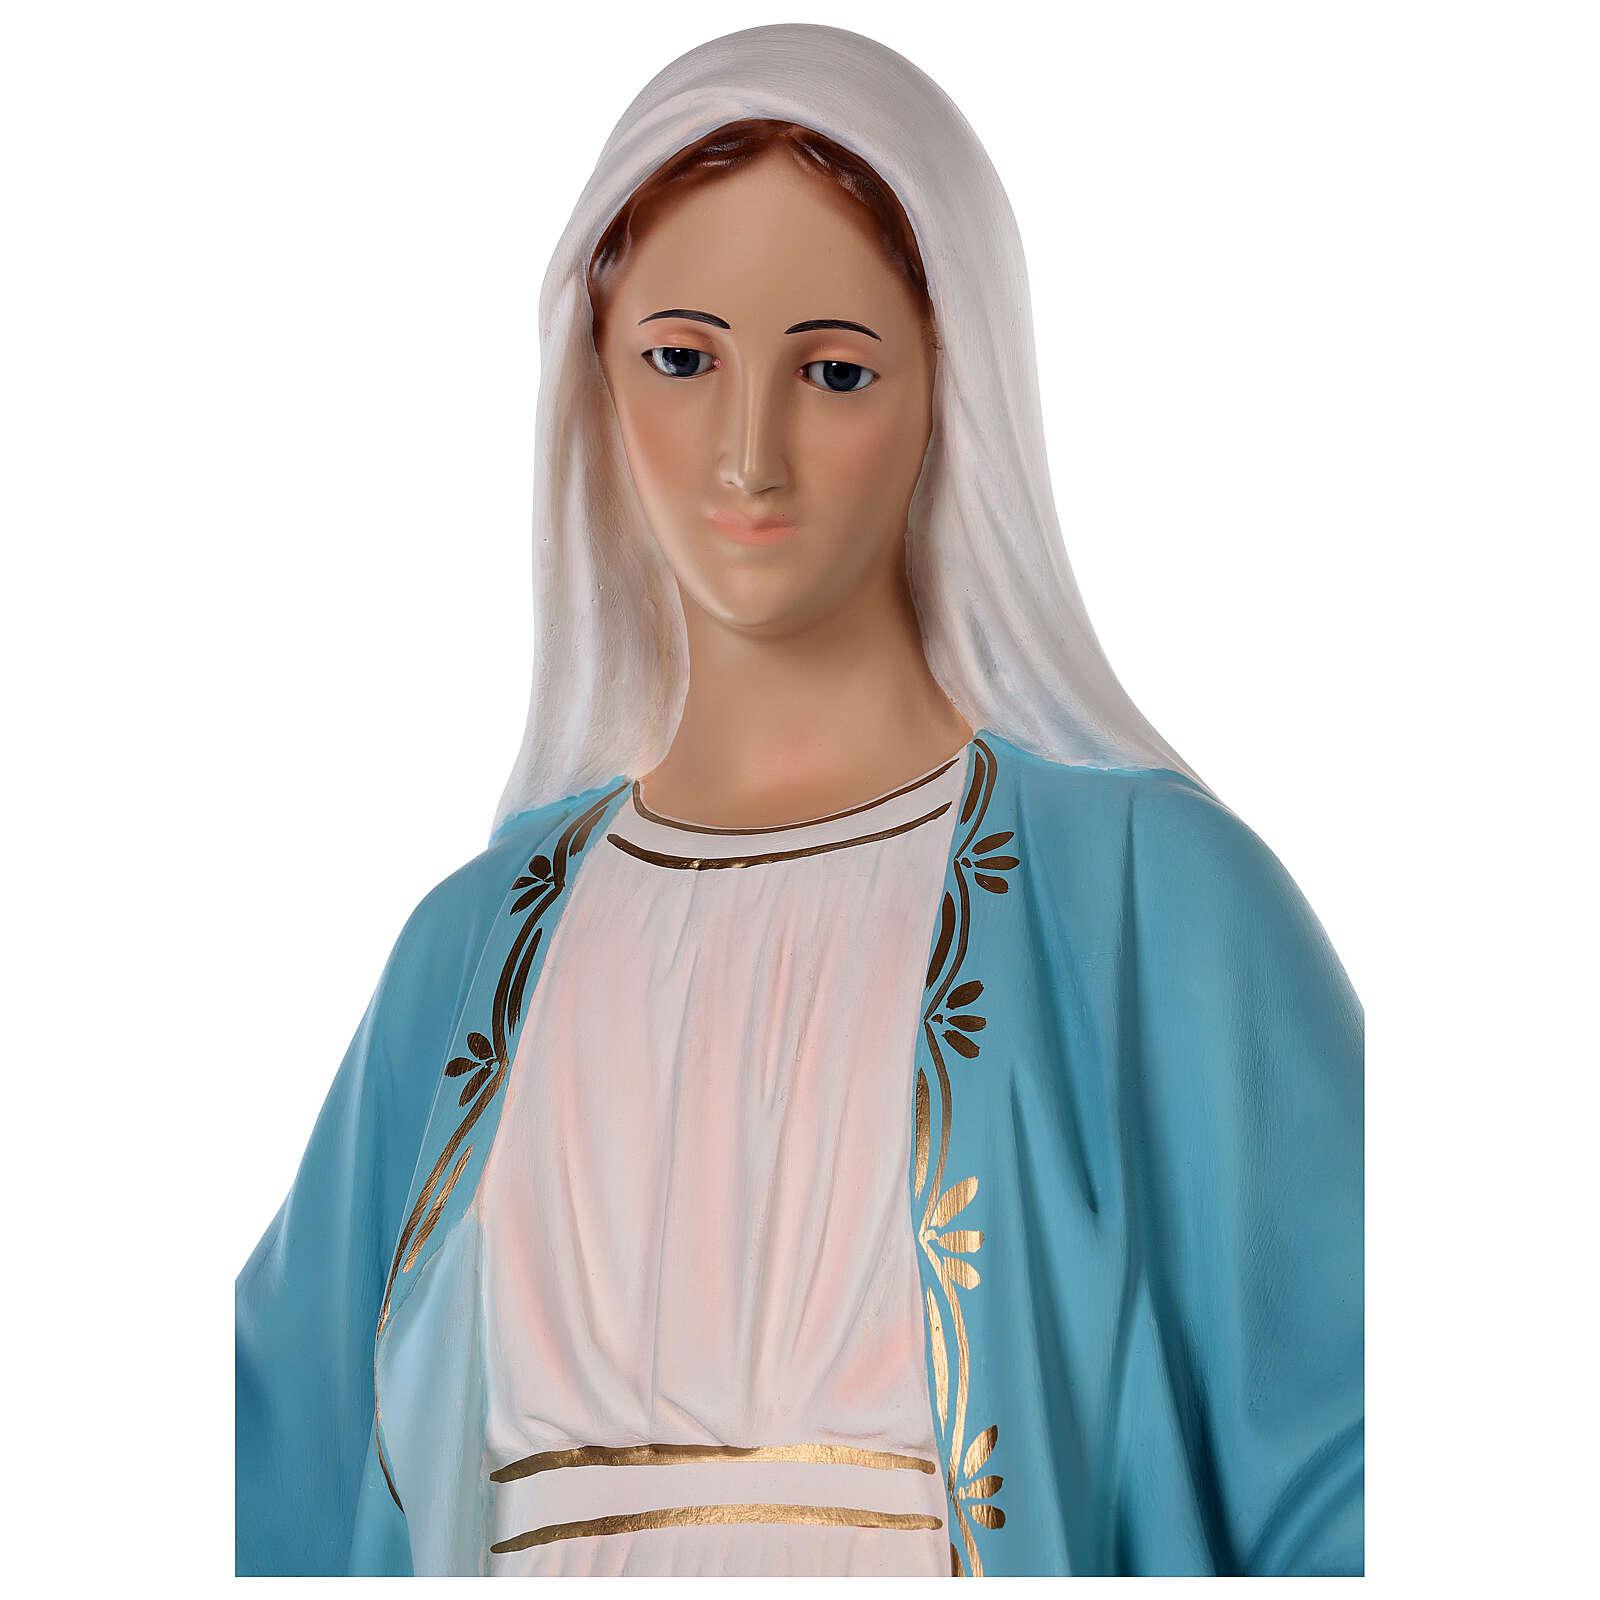 Estatua Virgen Milagrosa fibra de vidrio coloreada 85 cm ojos vidrio 4